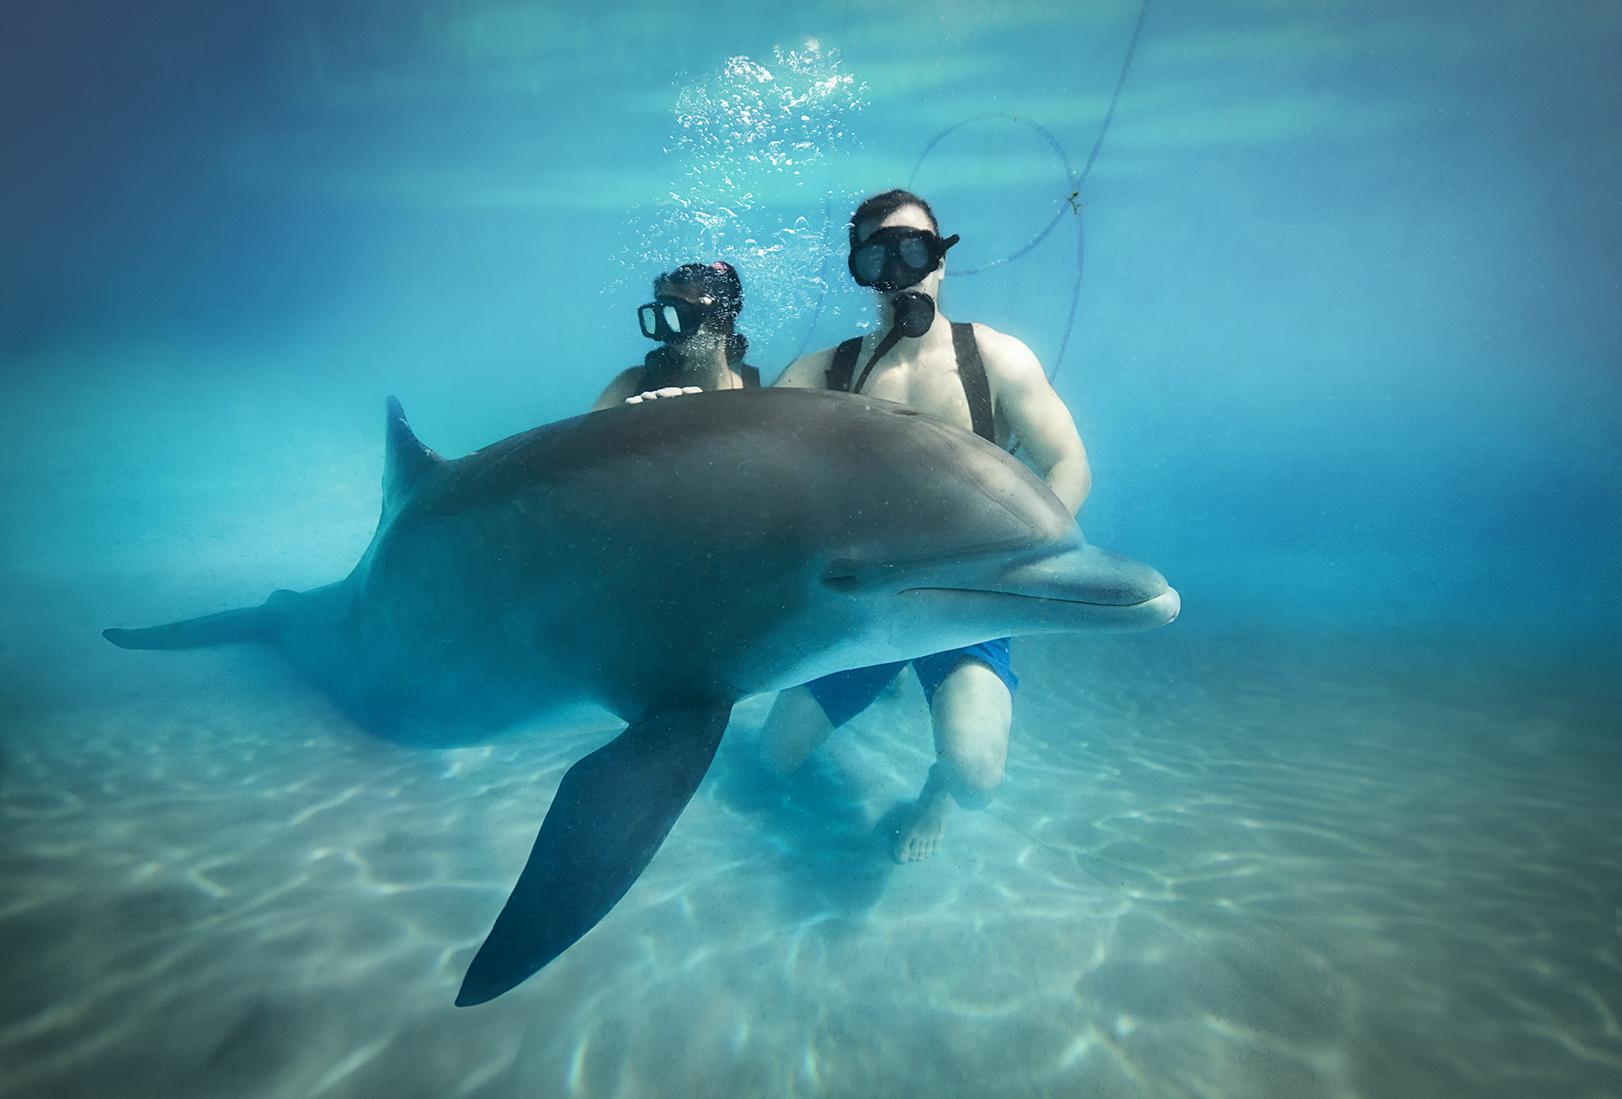 Interacción con delfines, un plan perfecto para realizar en familia